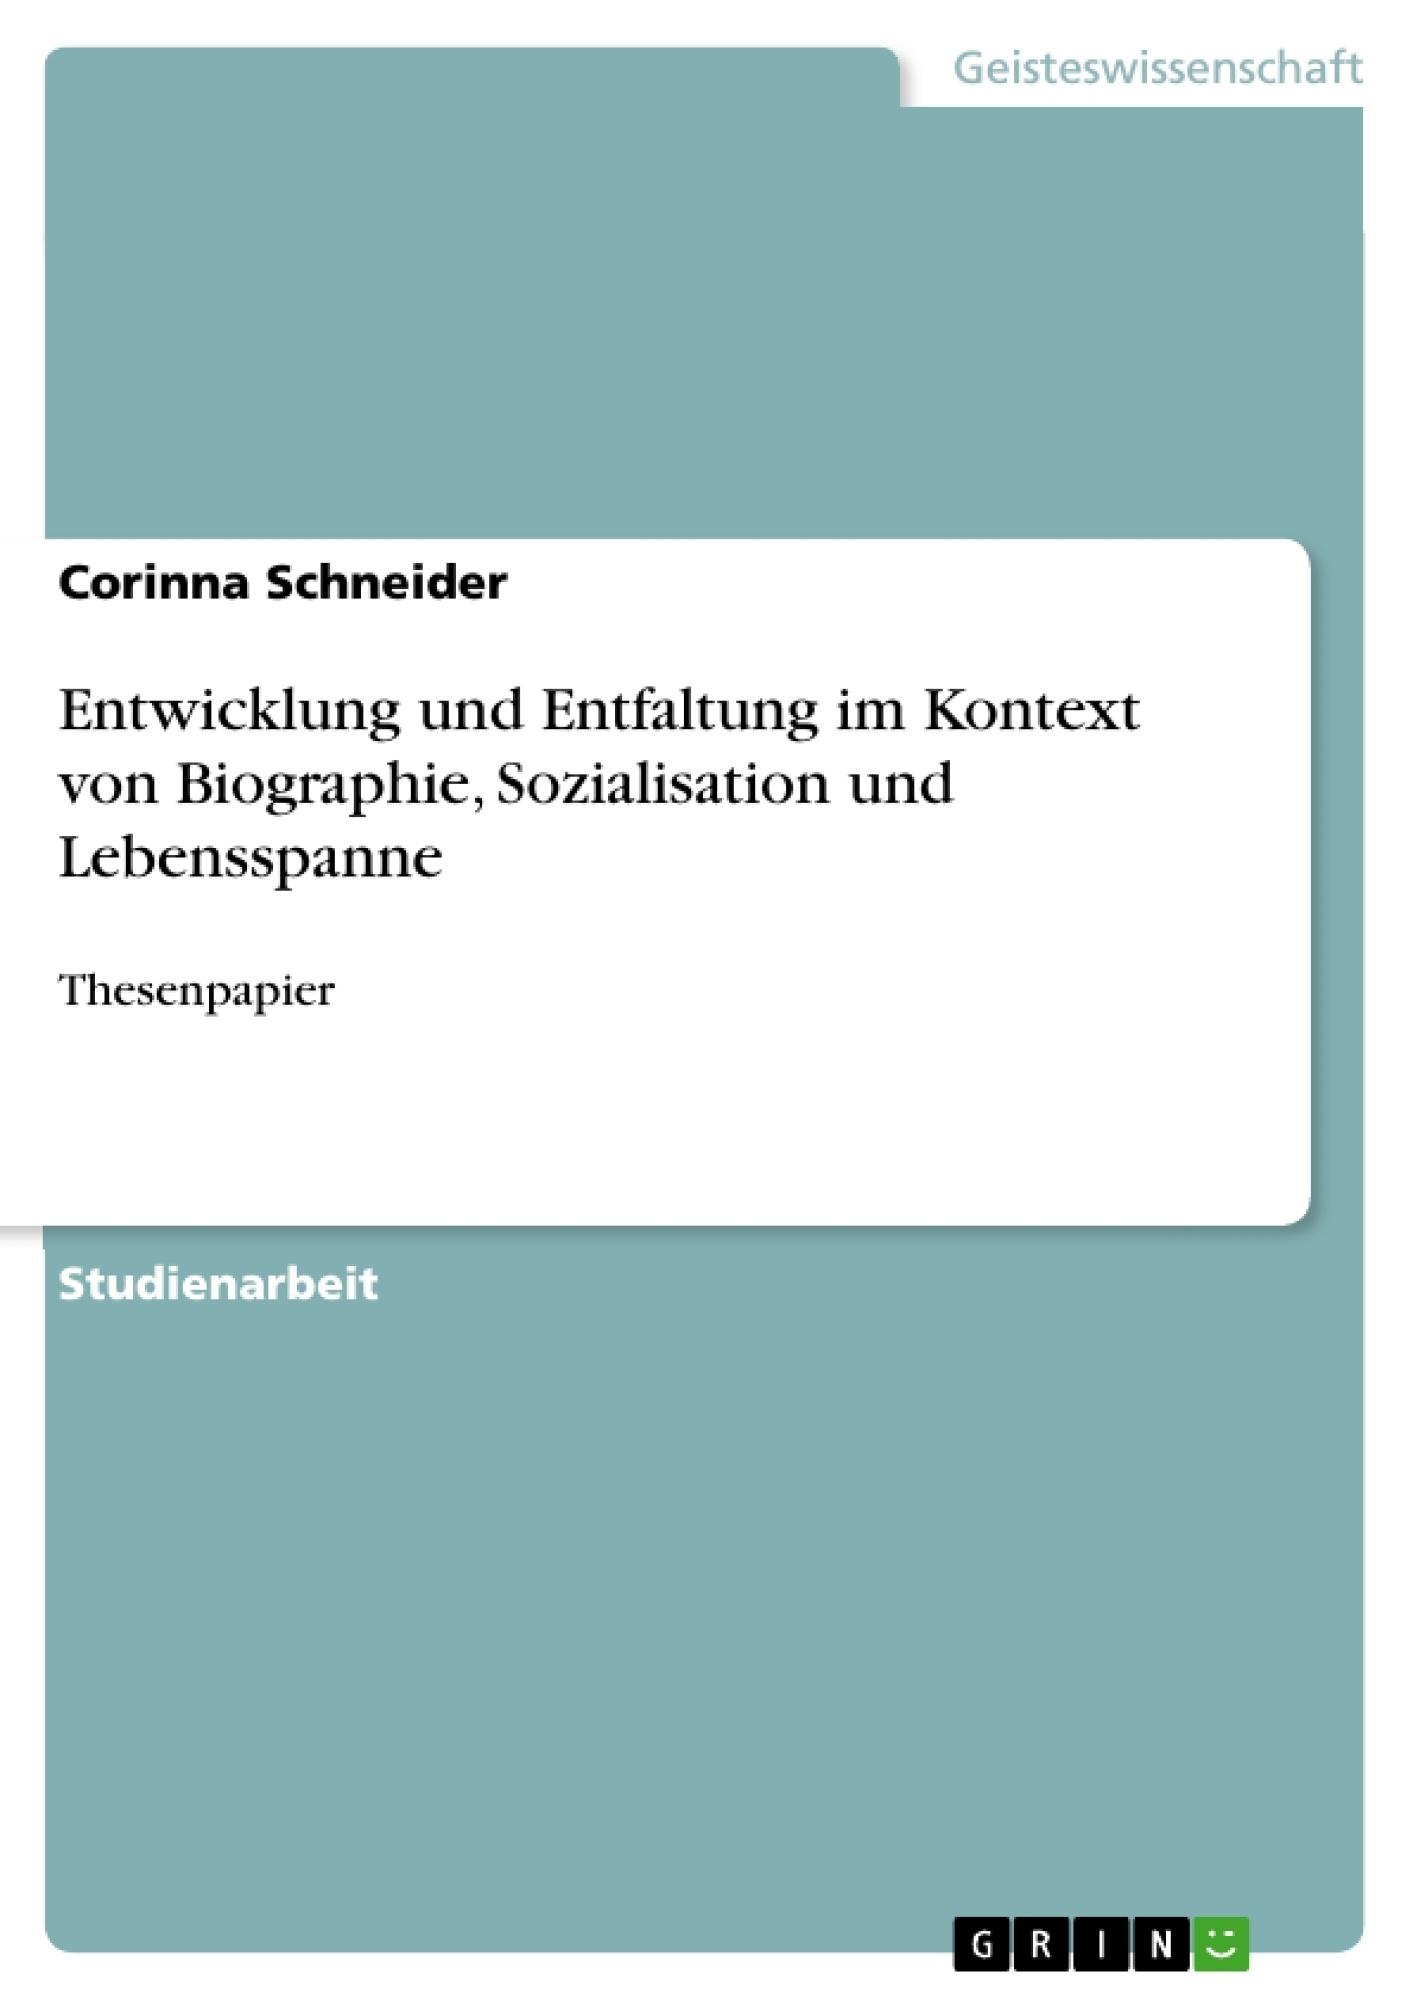 Titel: Entwicklung und Entfaltung im Kontext von Biographie, Sozialisation und Lebensspanne